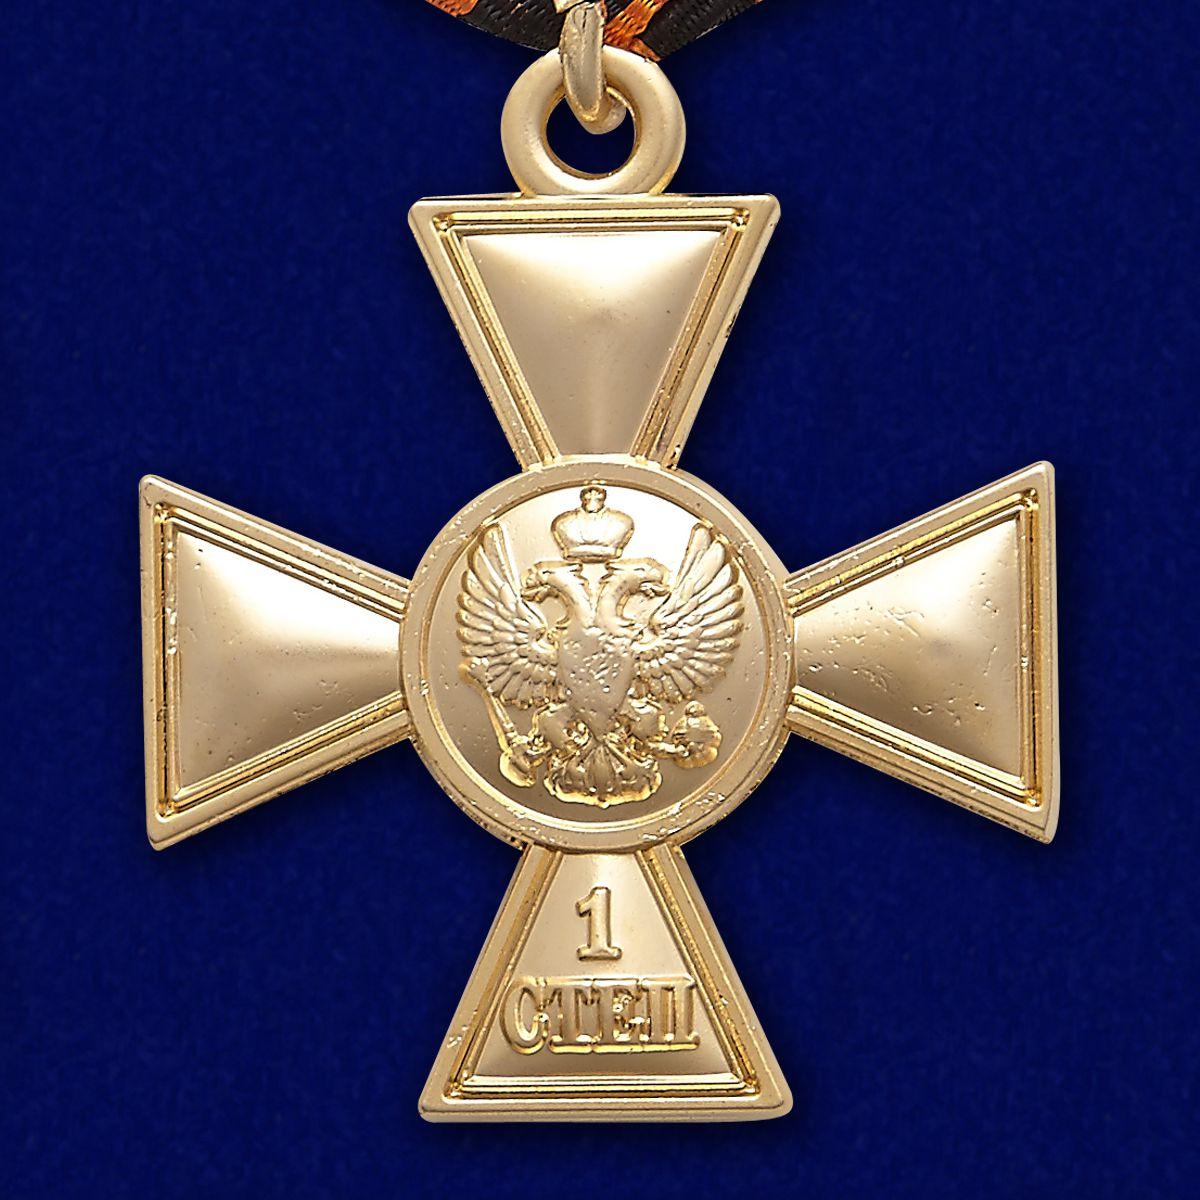 Георгиевский крест для иноверцев I степени - оборотная сторона